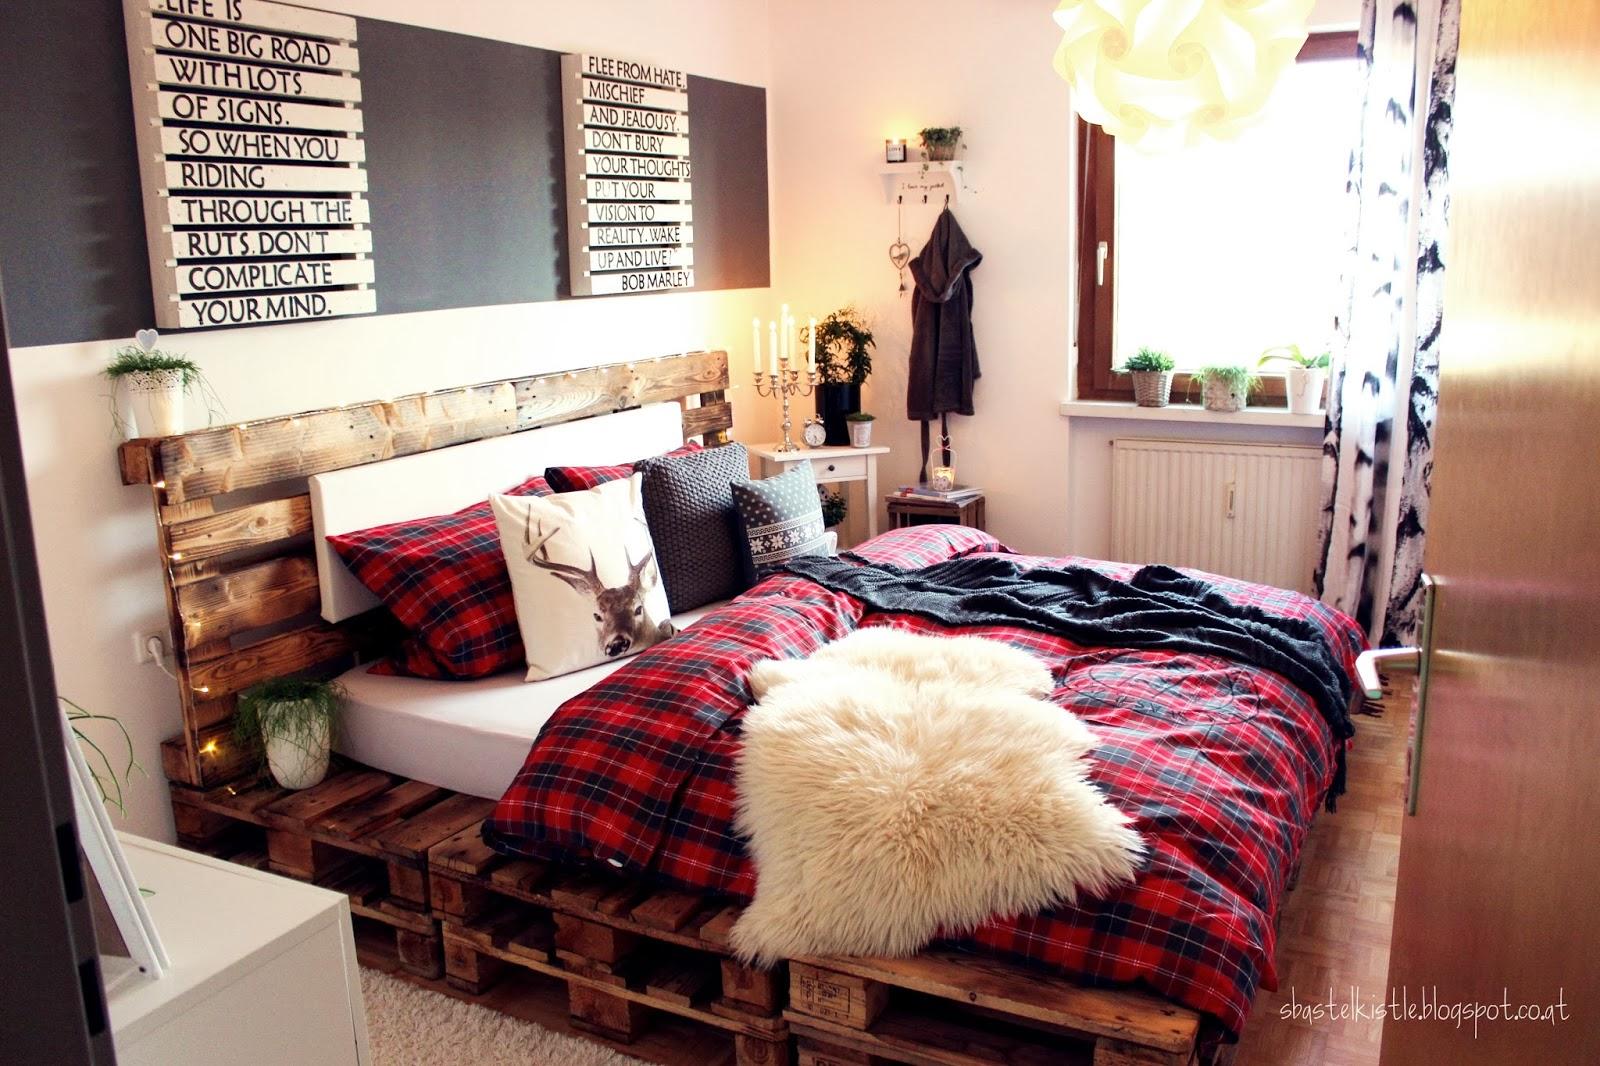 s 39 bastelkistle roomtour schlafzimmer. Black Bedroom Furniture Sets. Home Design Ideas